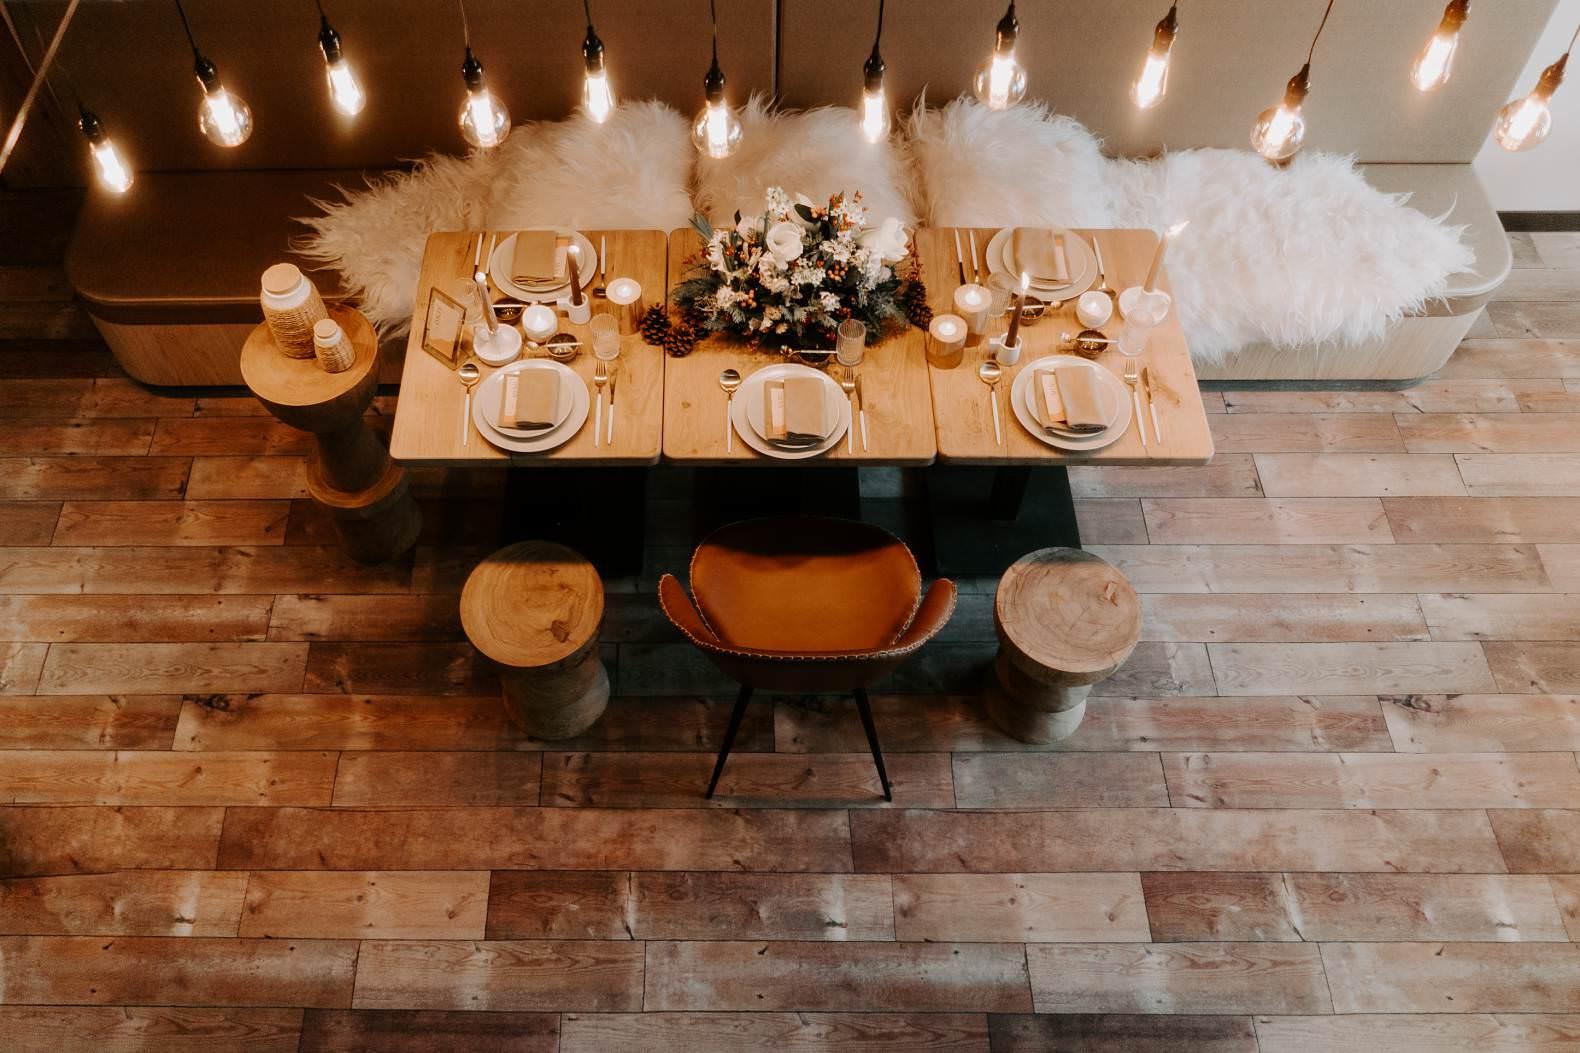 mariage hiver alpes huez isere hotel grandes rousses photographe bel esprit 0017